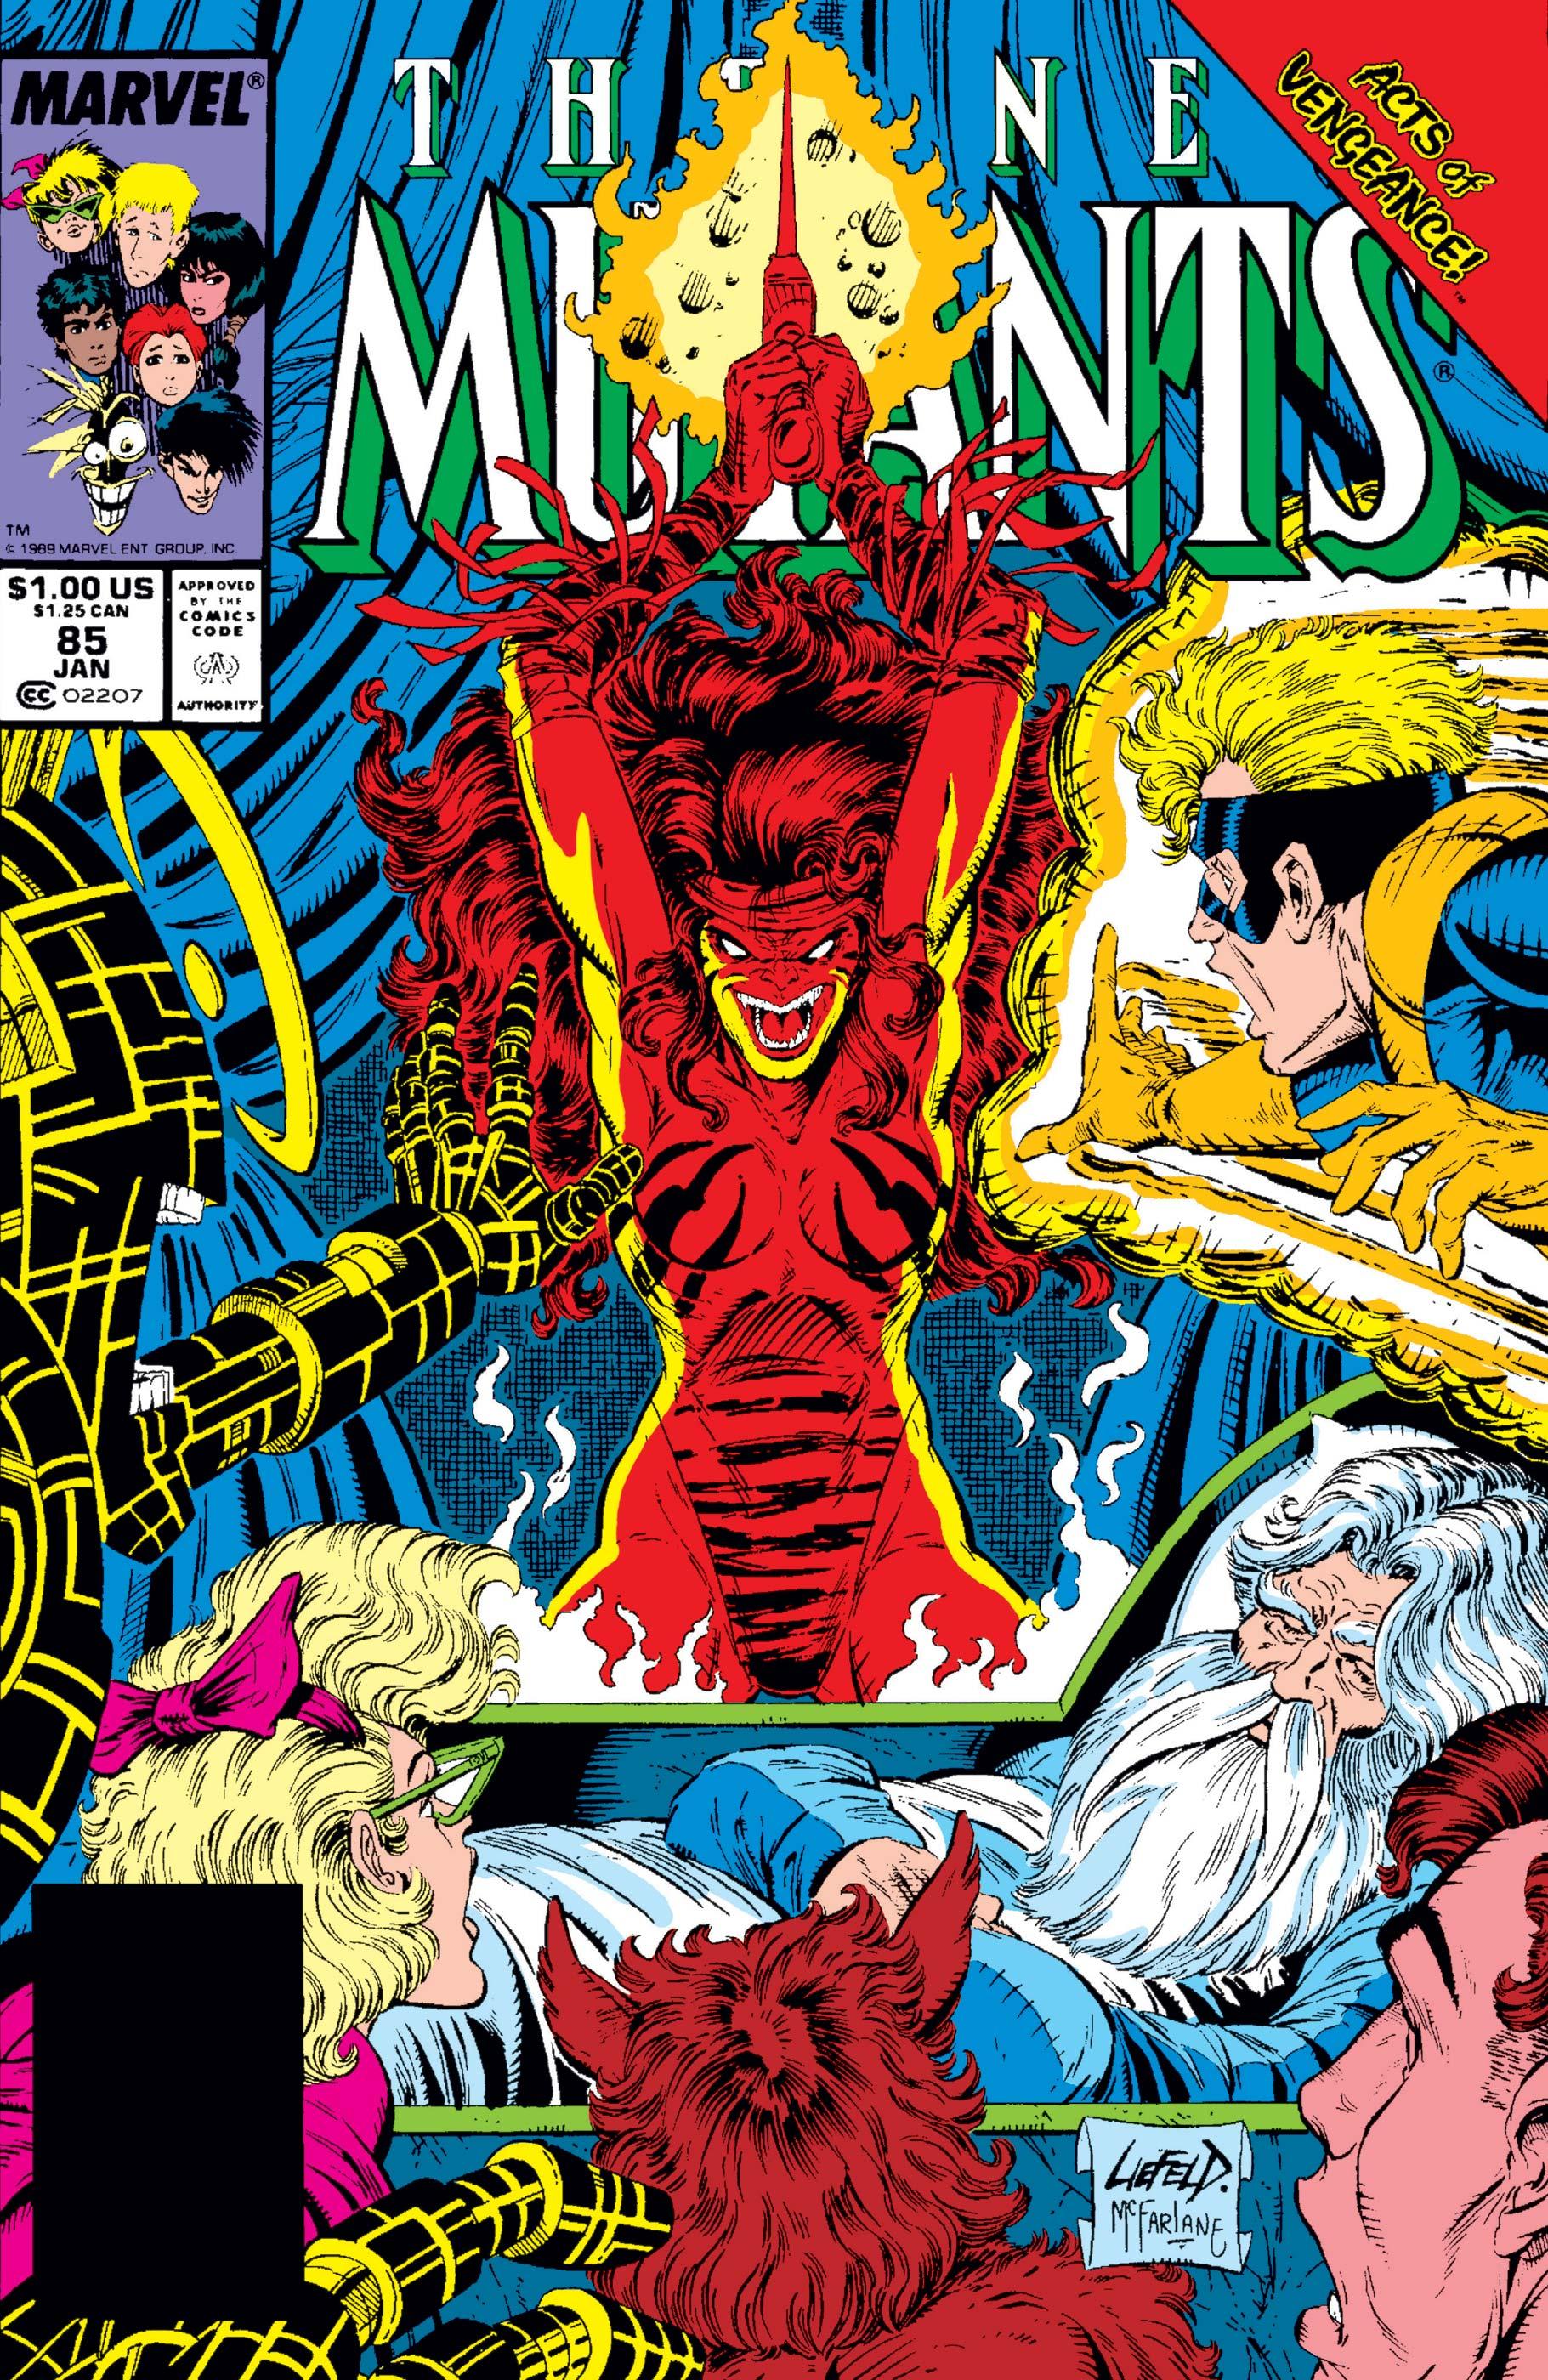 New Mutants (1983) #85